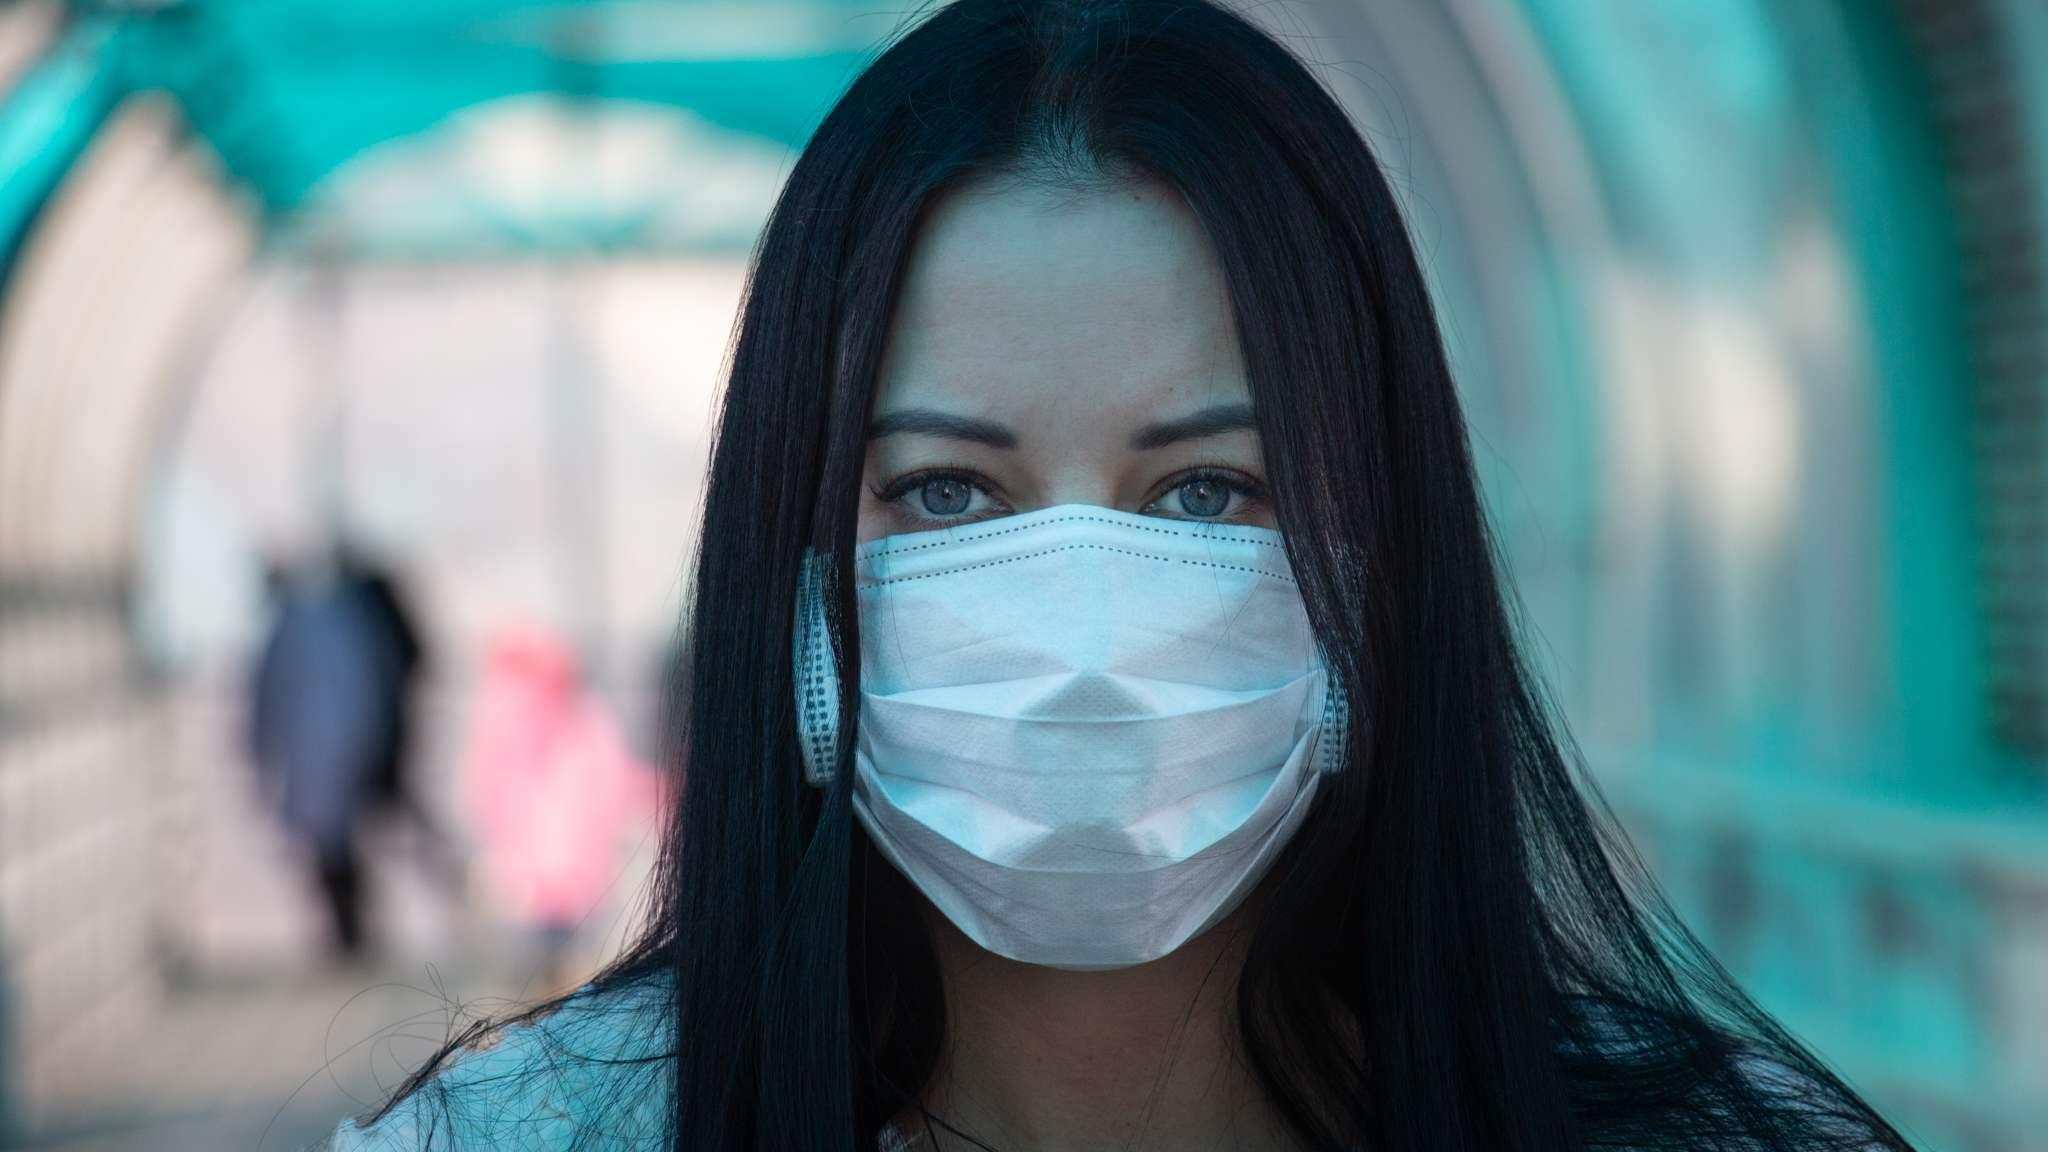 Coronavirus - covid 2019 is not true